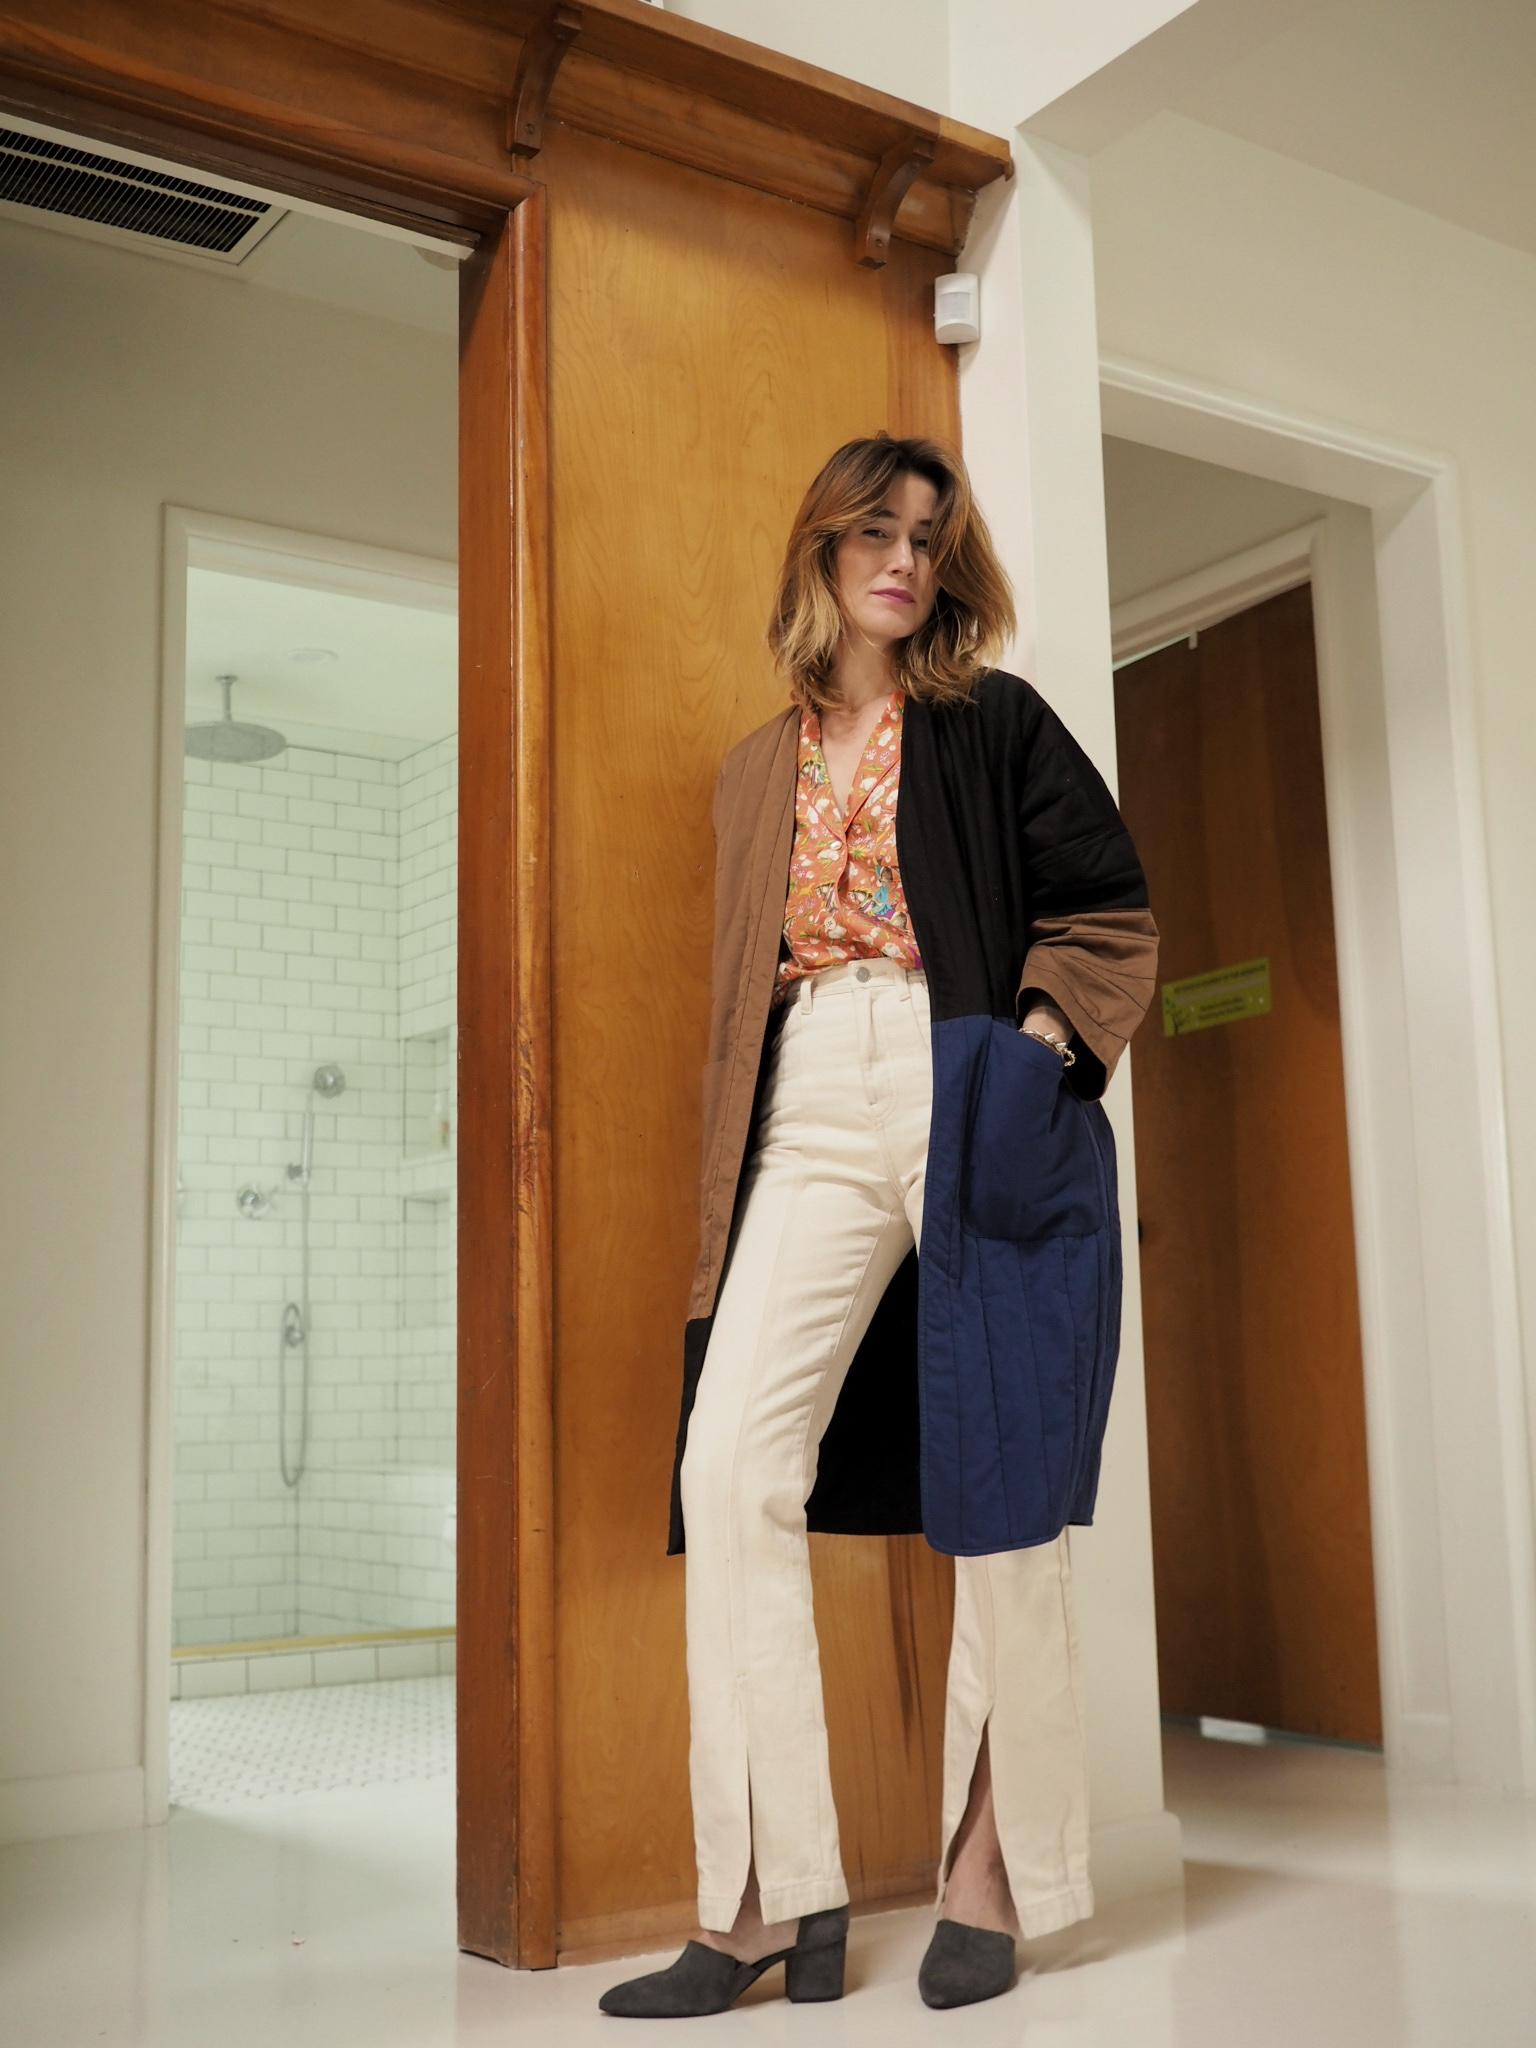 Garderobsutmaning  Hur fixar jag en cool kontorsstil med liten ... 36ad5f898060a